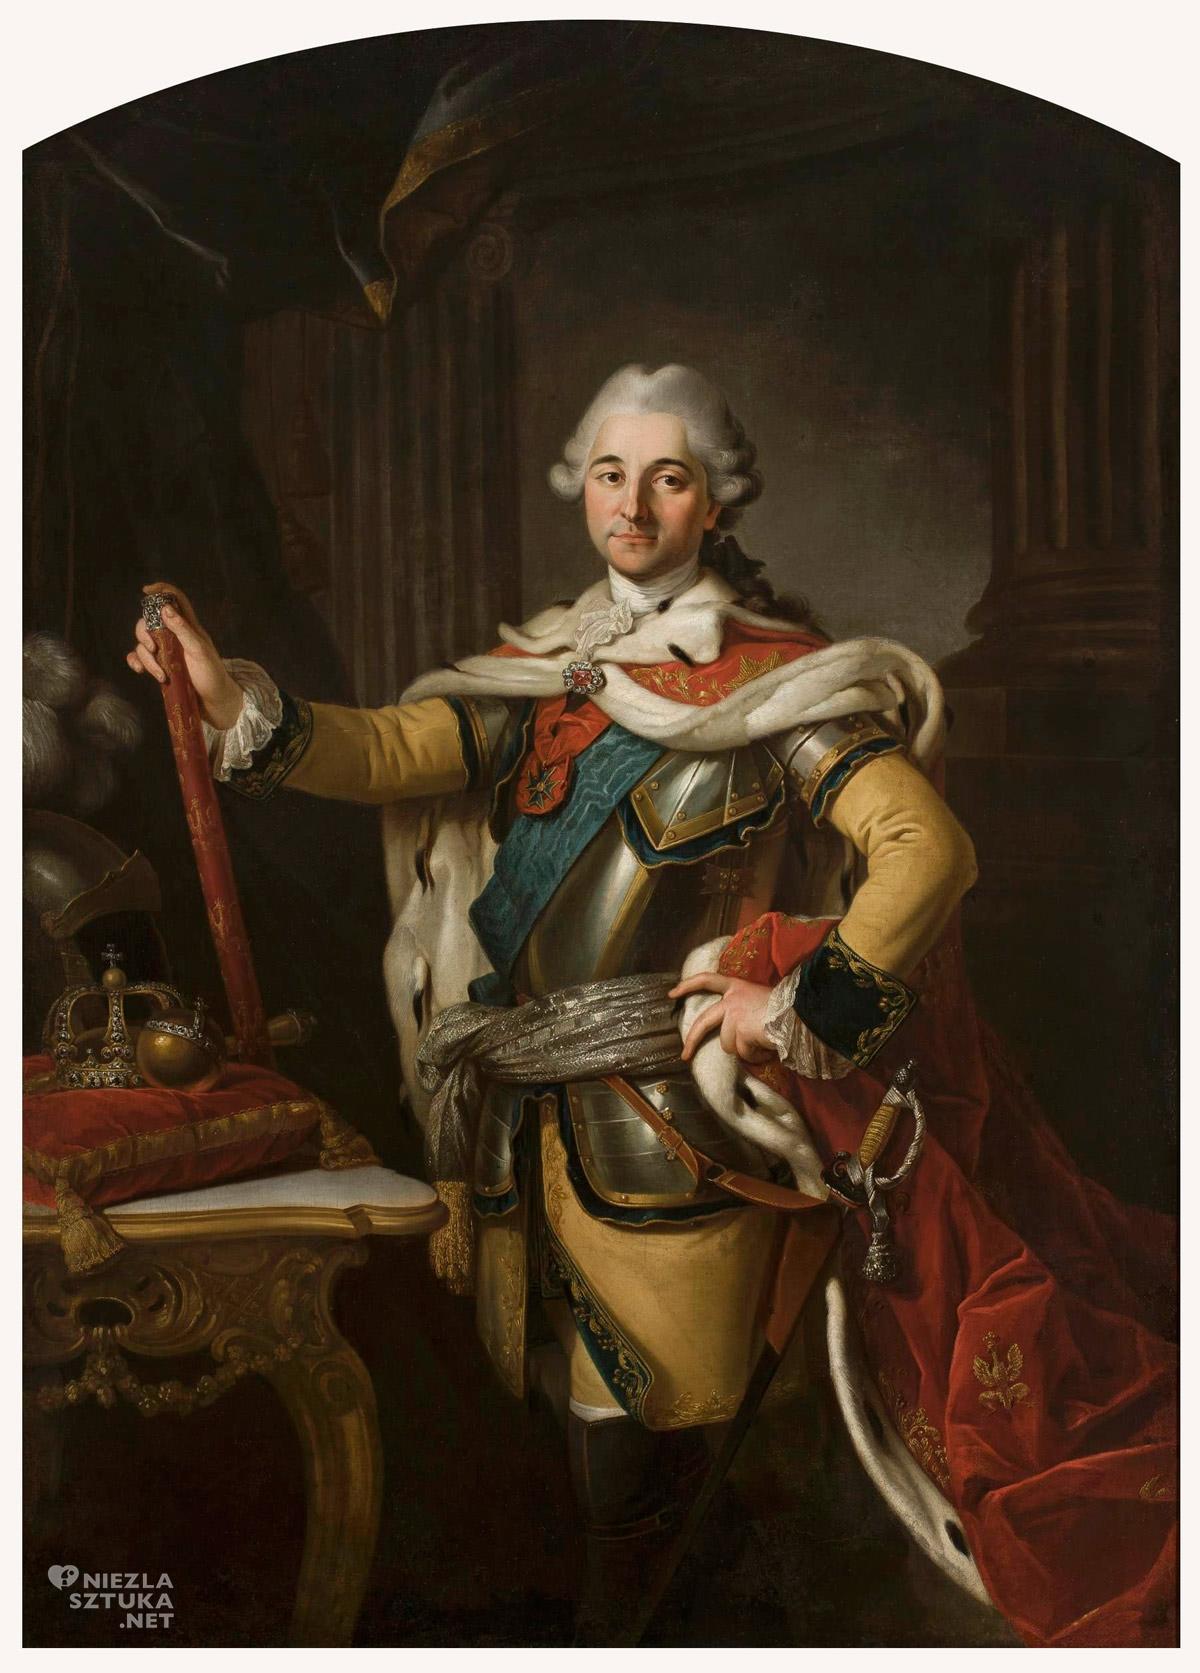 Per Krafft, Portret Stanisława Augusta Poniatowskiego, Stanisław August Poniatowski, Niezła sztuka